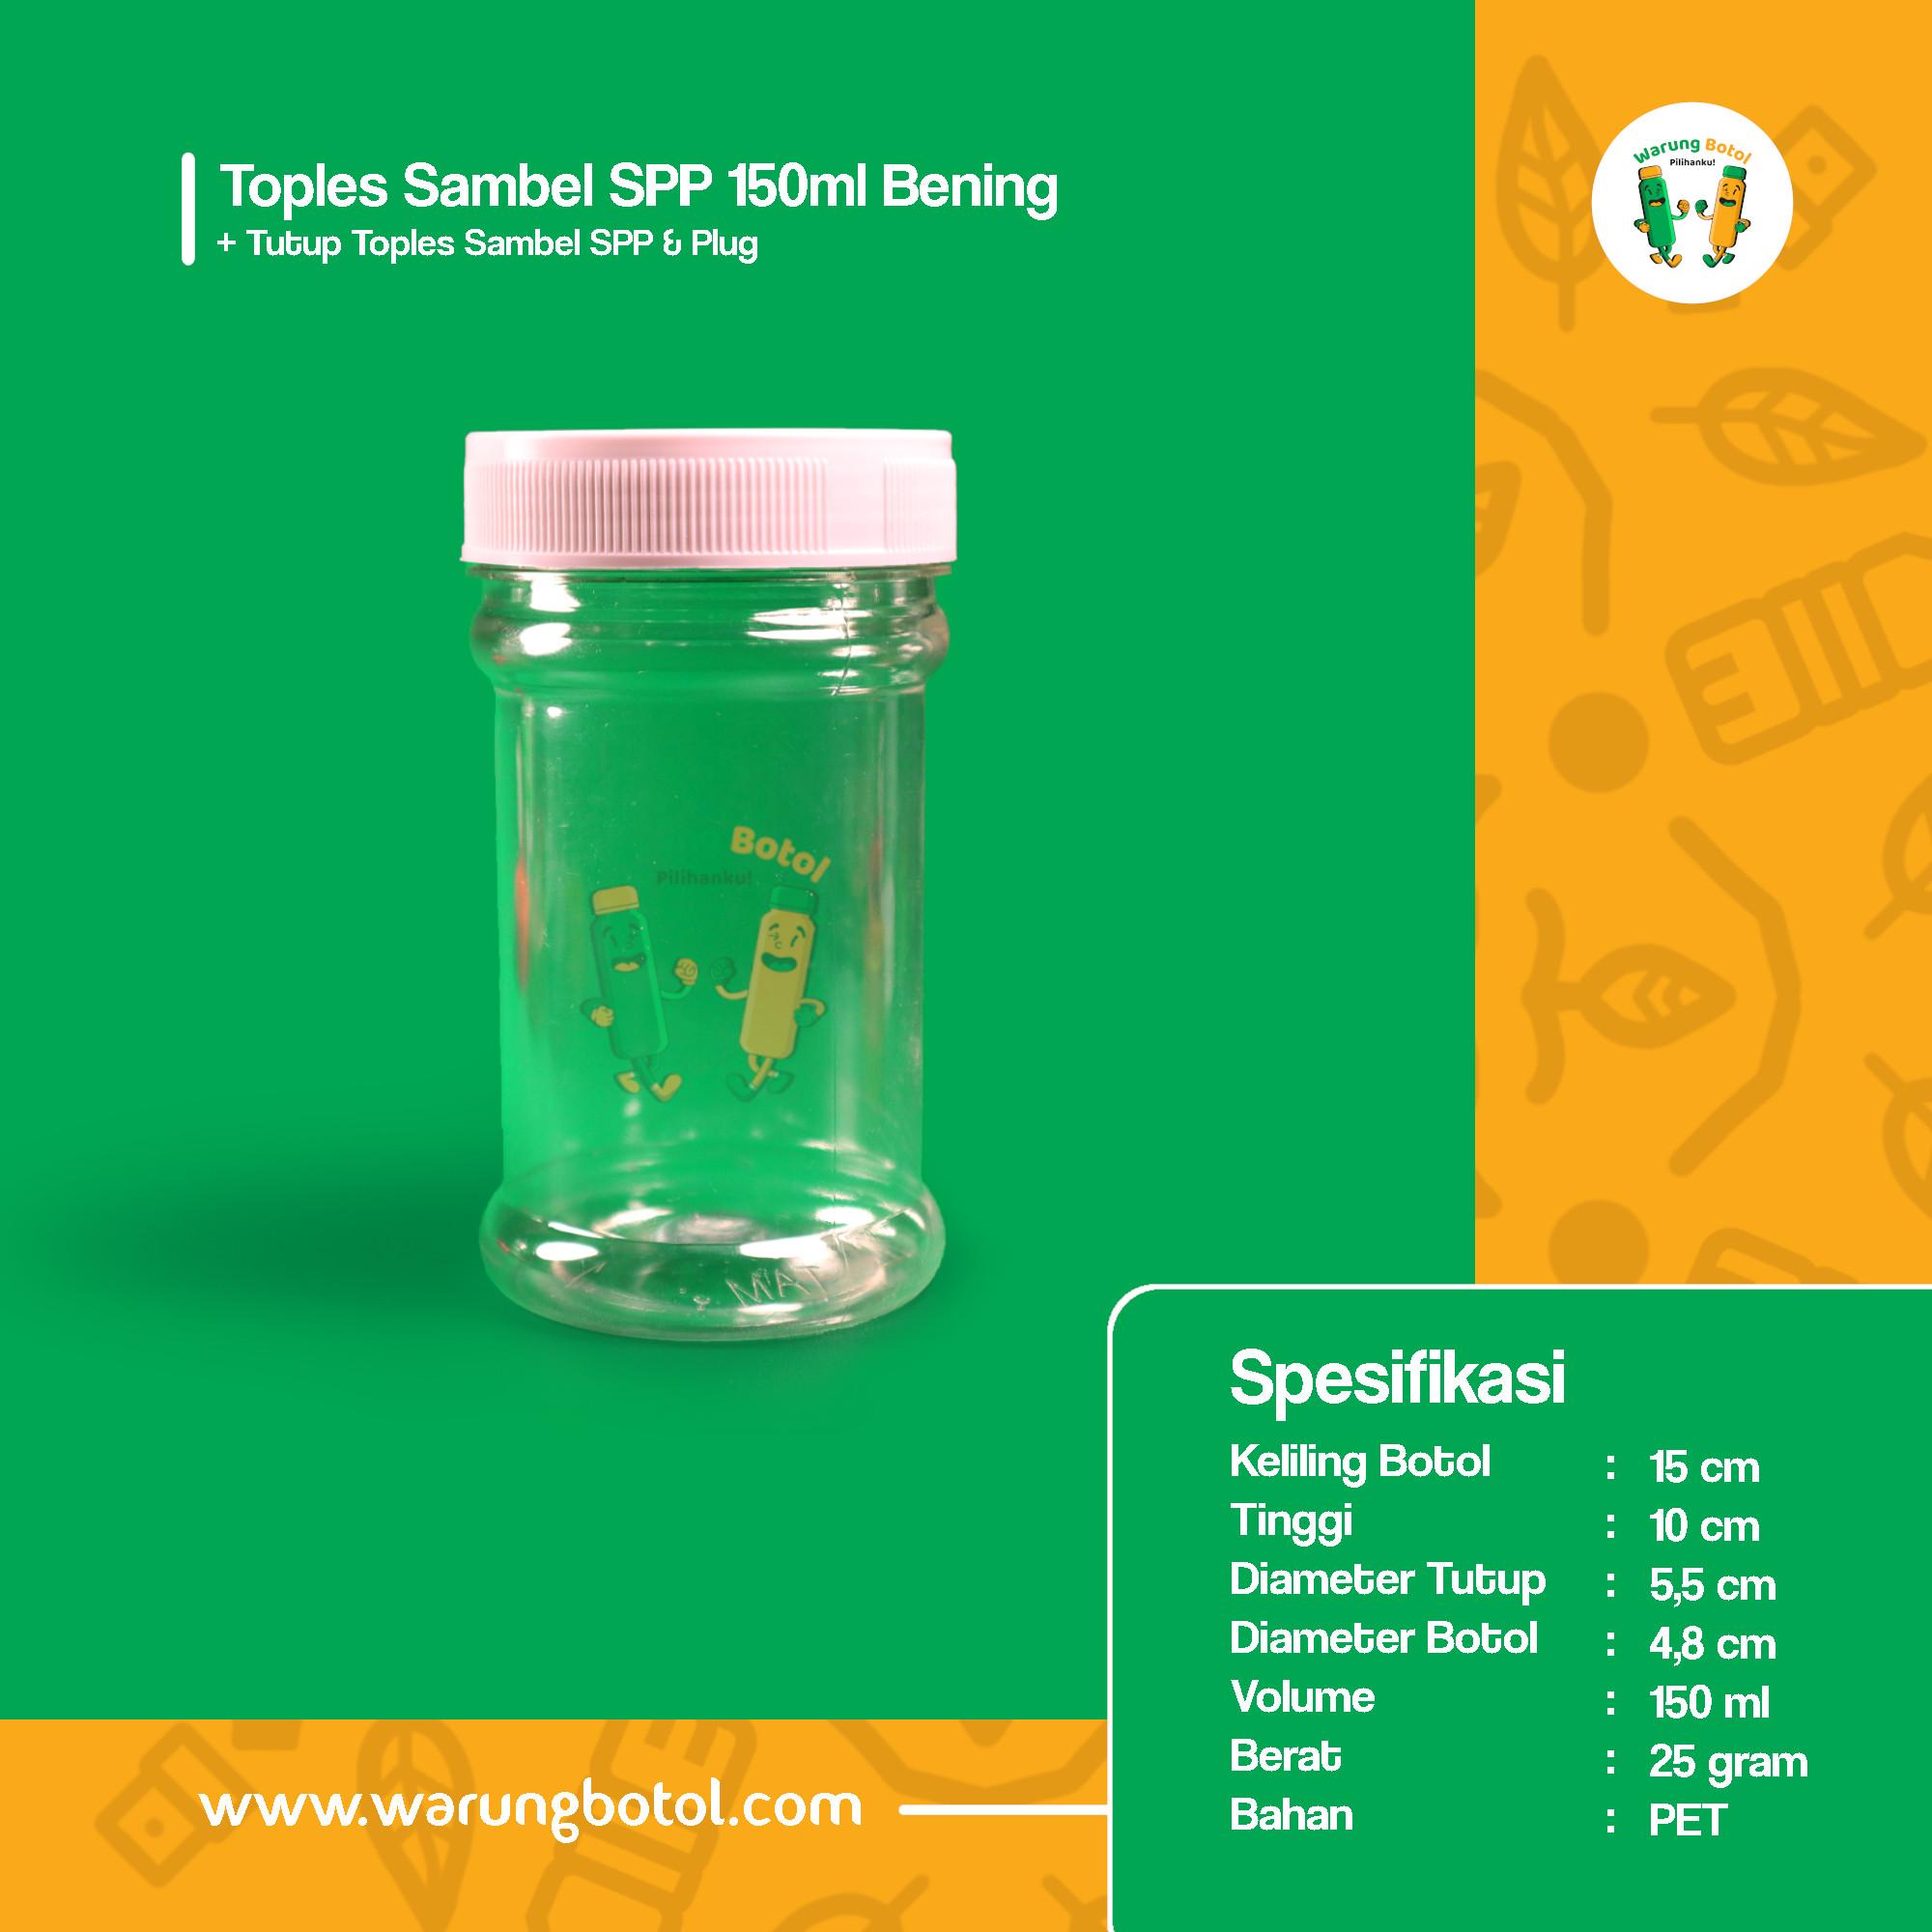 distributor toko jual toples botol plastik sambal kotak 150ml murah untuk sambel terdekat di bandung, jakarta, bekasi, bogor